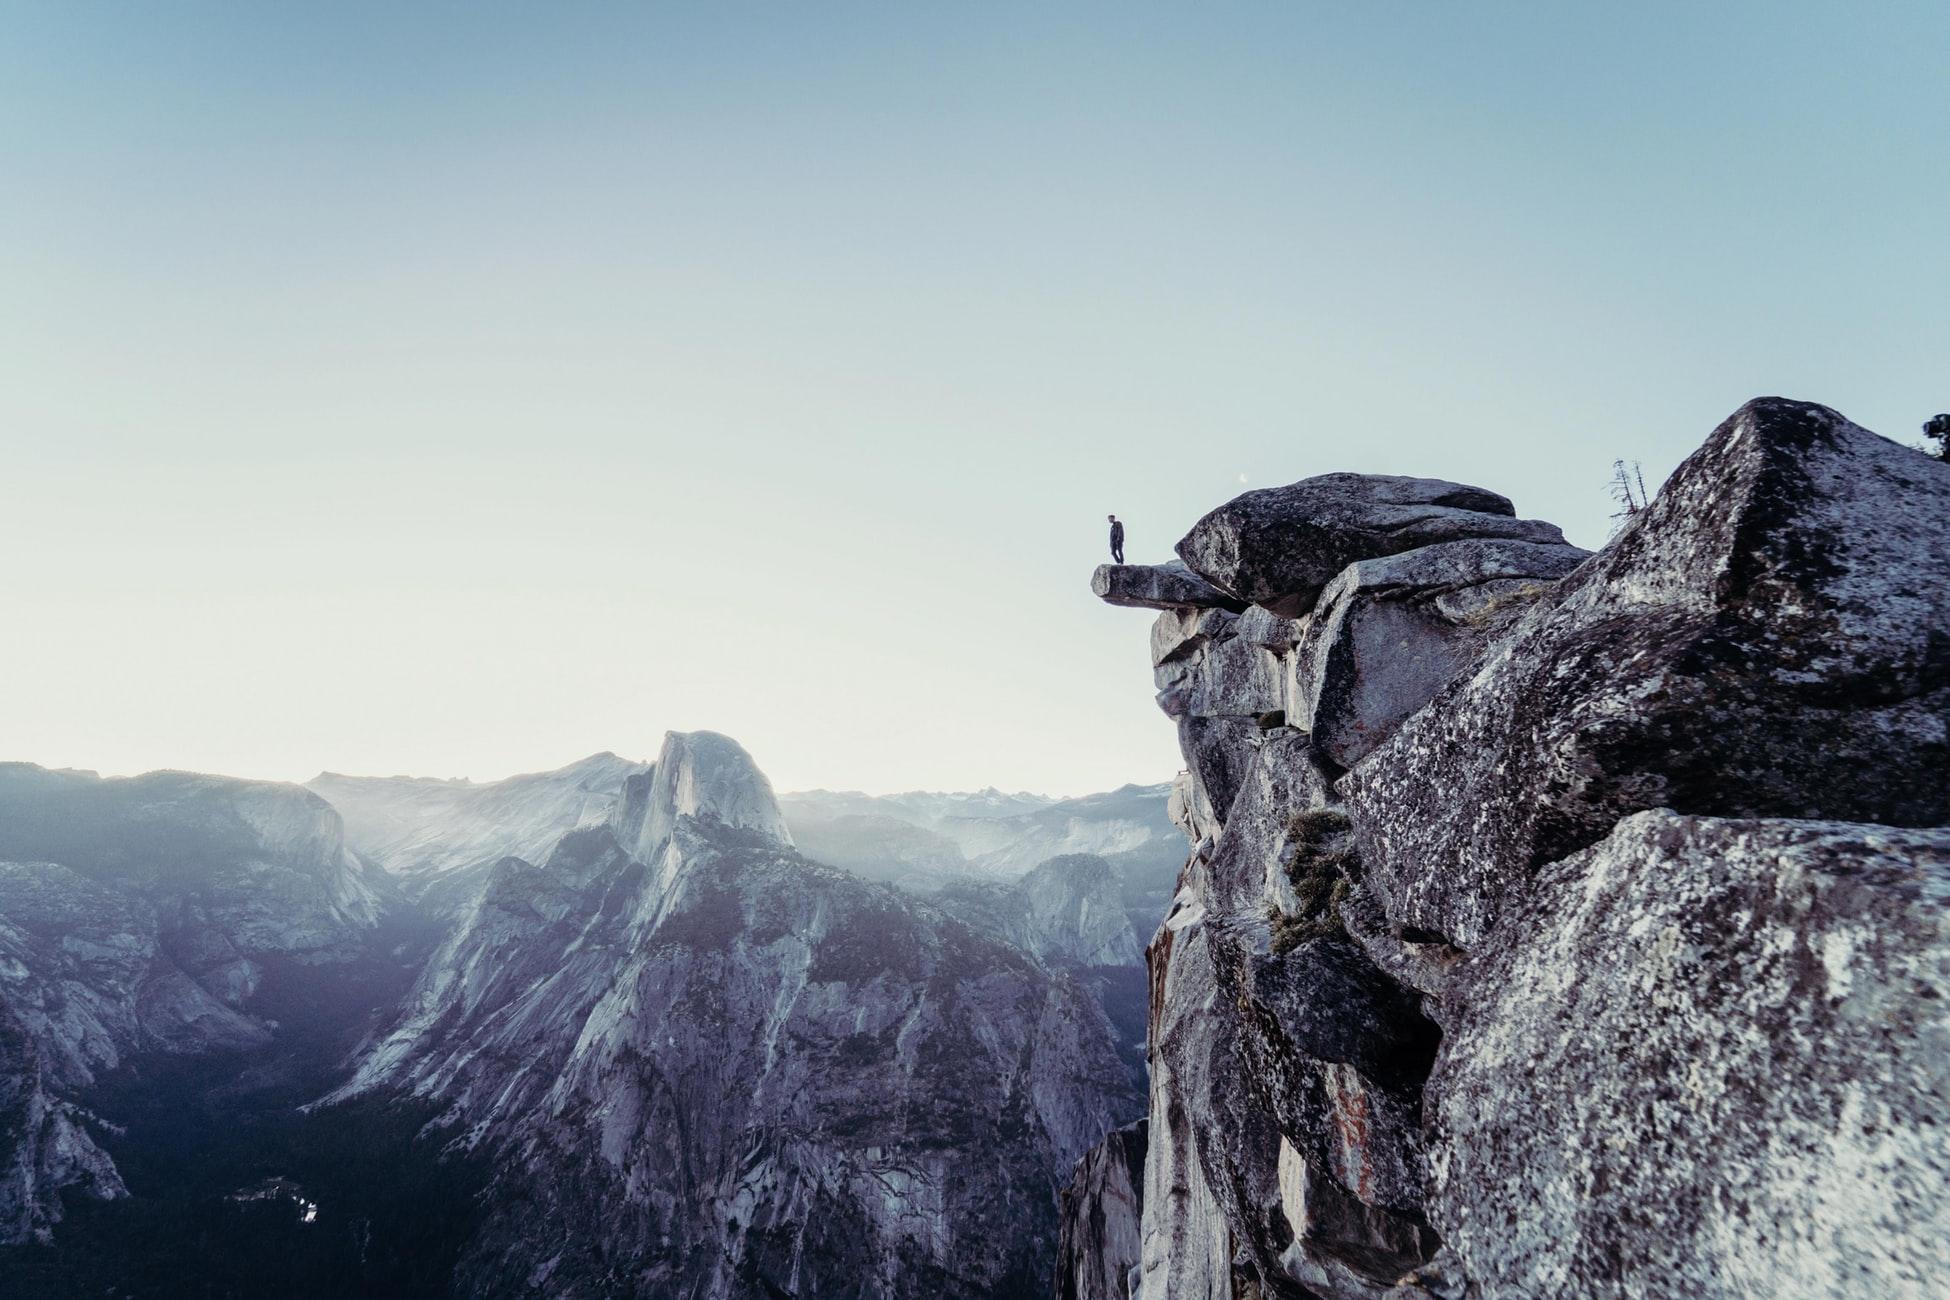 No importa la naturaleza, dificultad o peligro de la circunstancia, tiempo o lugar; quien teme a Allah, Él le bastará.